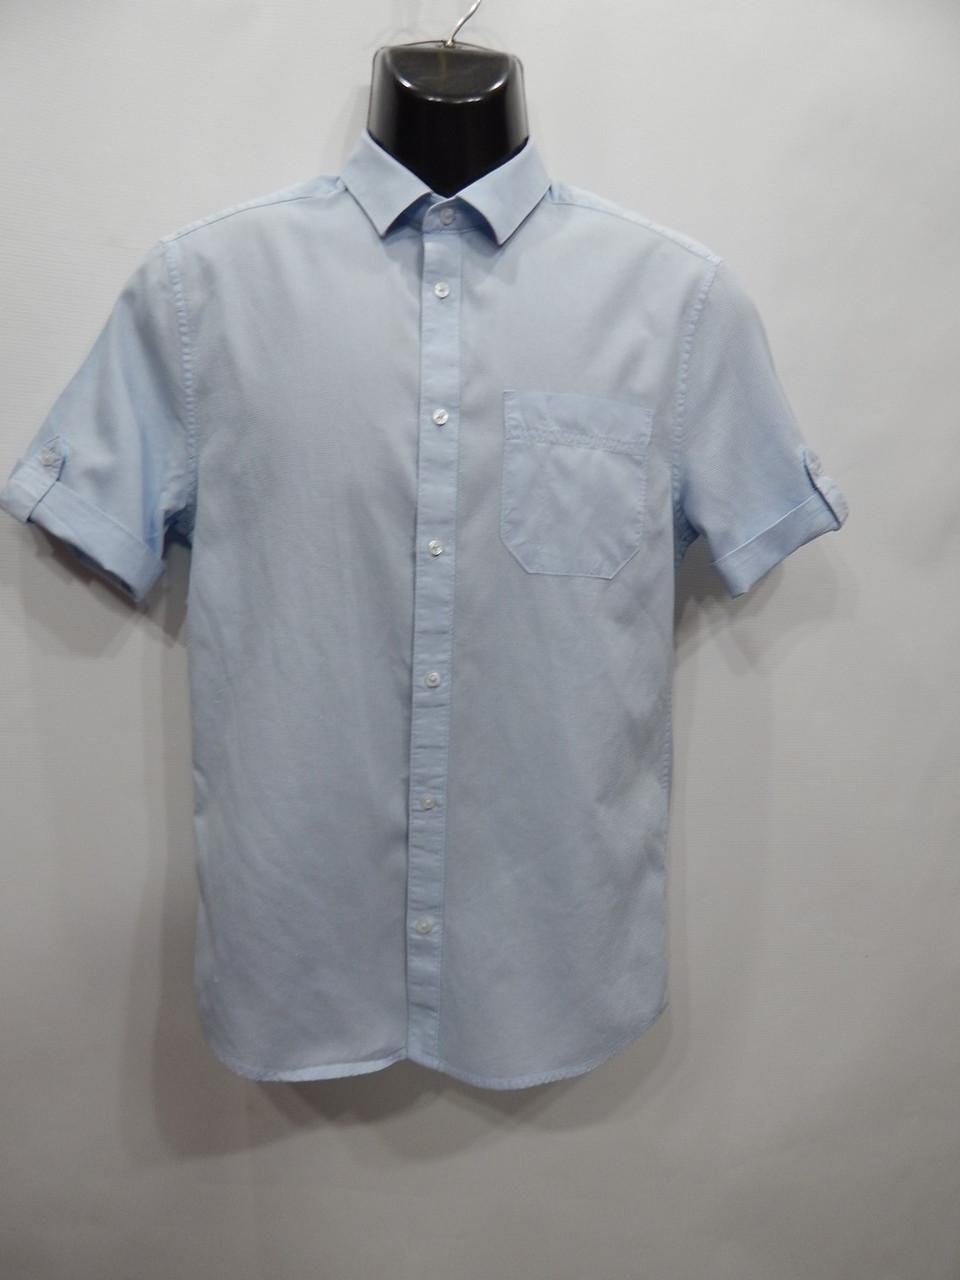 Чоловіча сорочка з коротким рукавом H&M р. 46 057ДРБУ